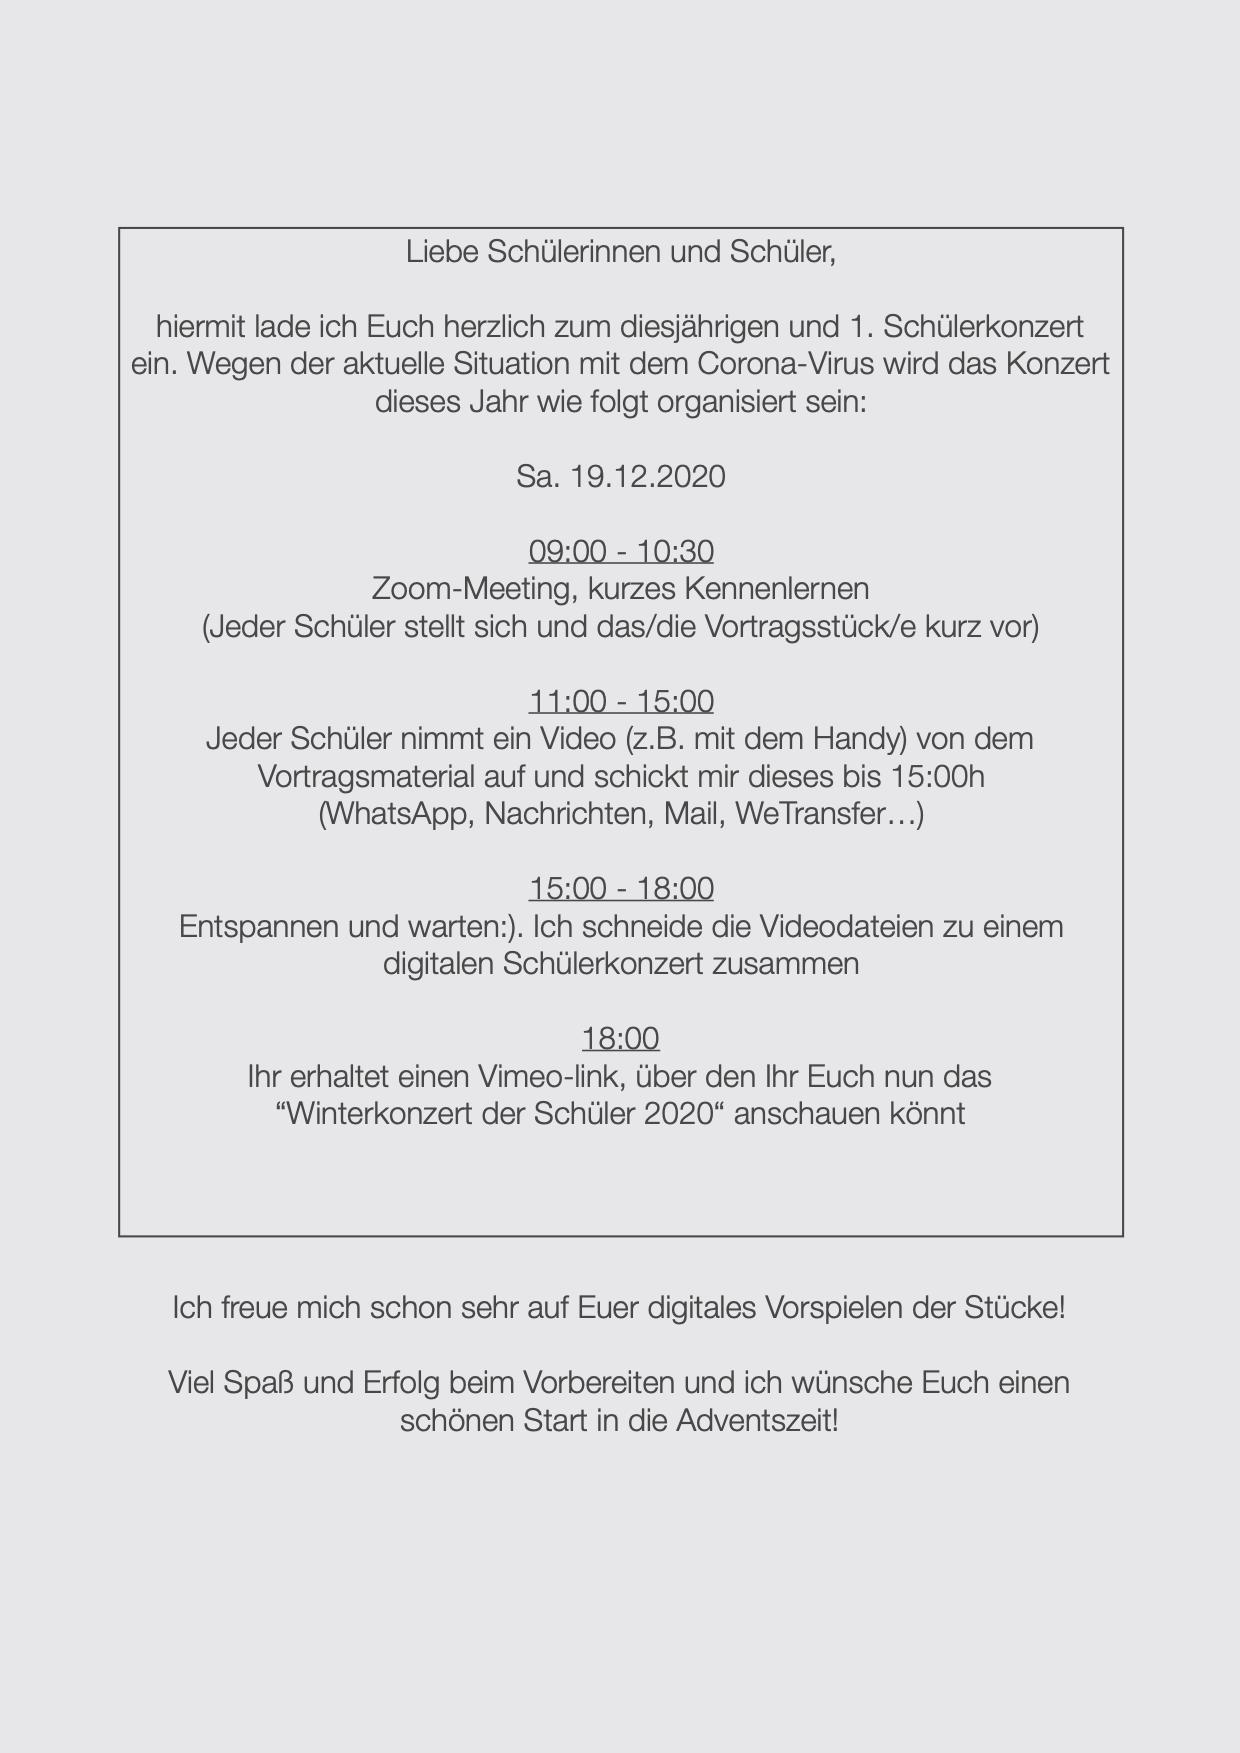 Winterkonzert der Schüler 12:2020 (hinte